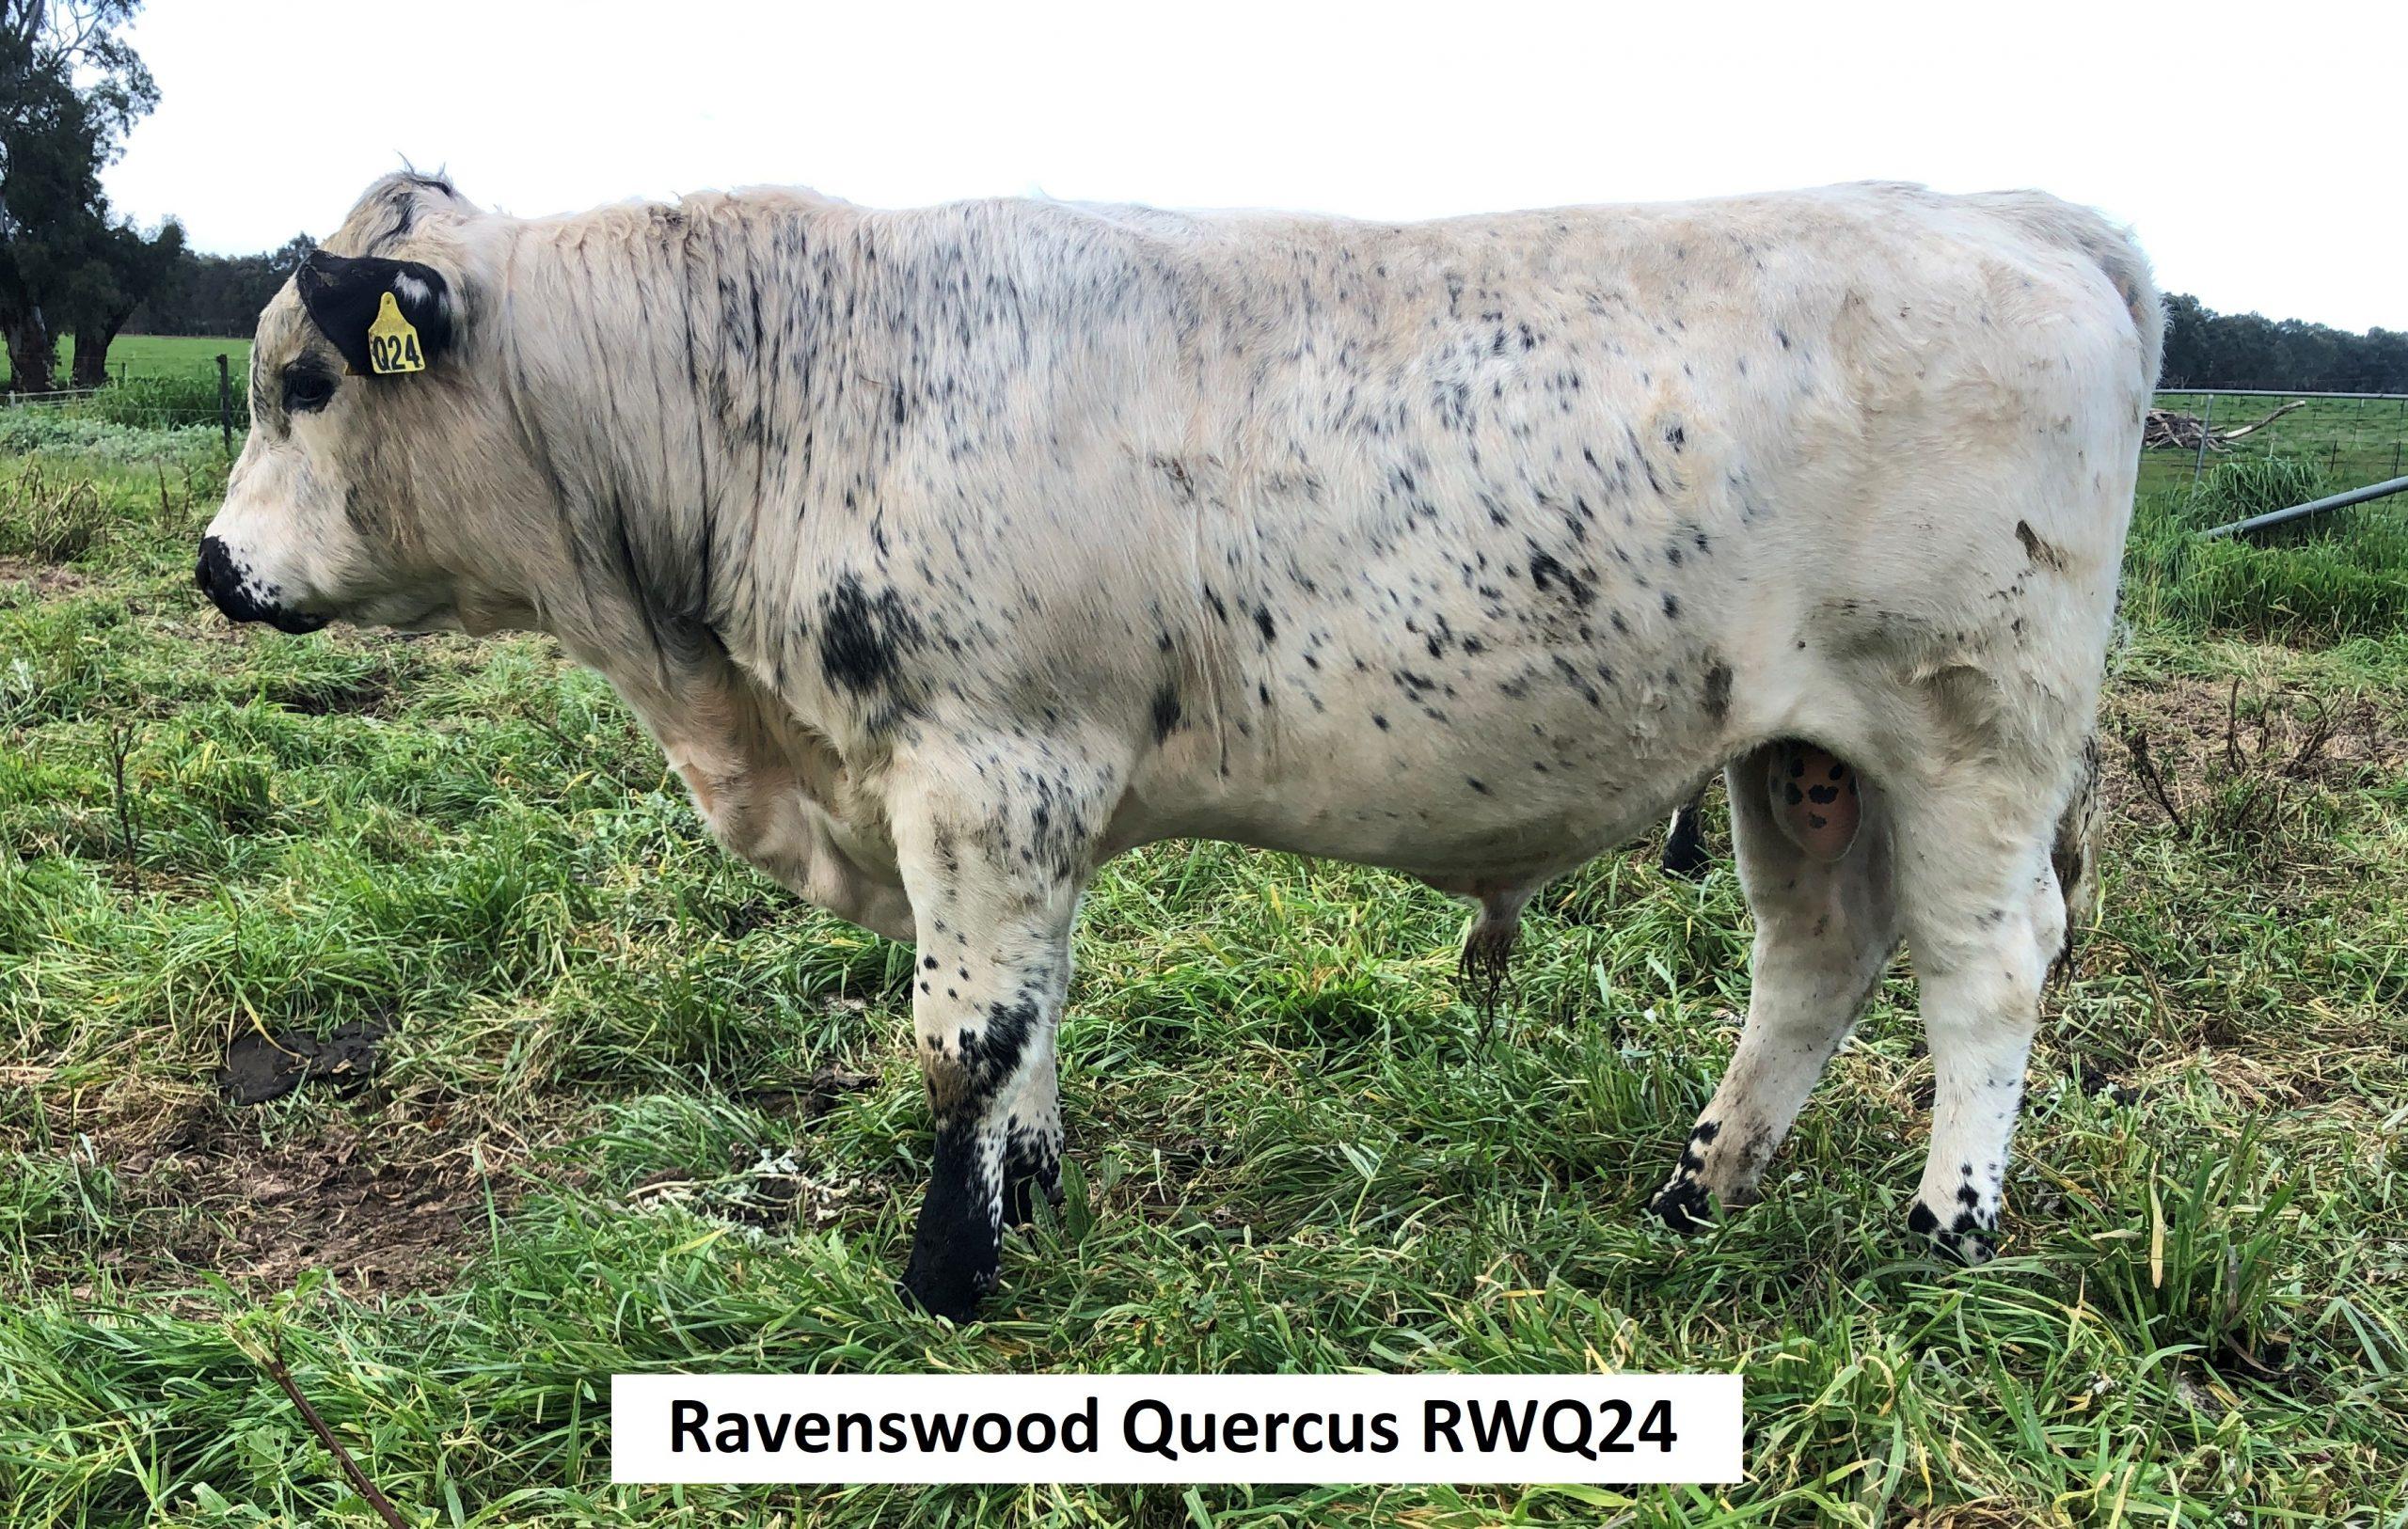 Ravenswood Quercus RWQ24